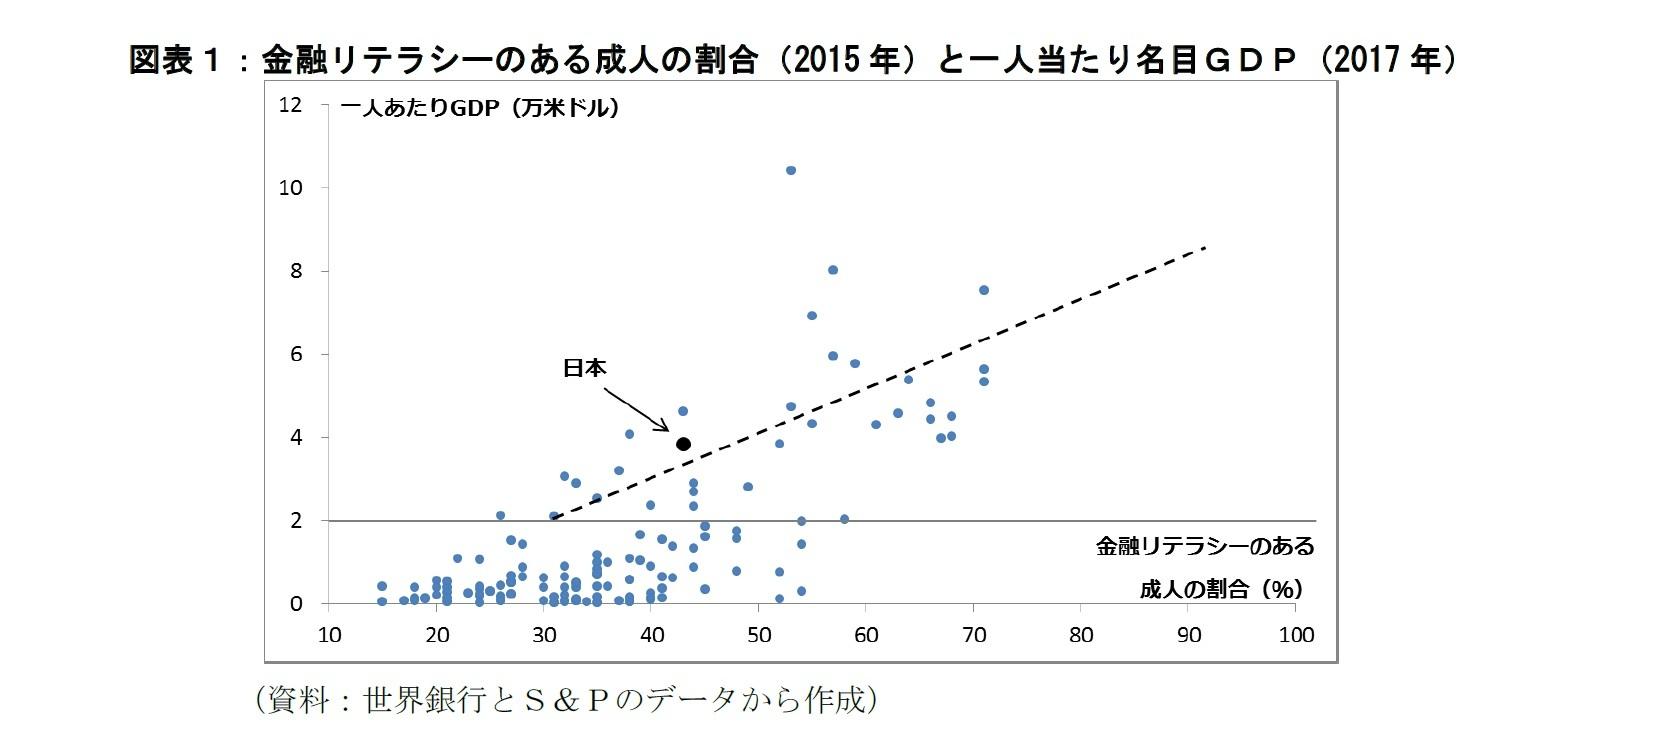 図表1:金融リテラシーのある成人の割合と一人当たり名目GDP